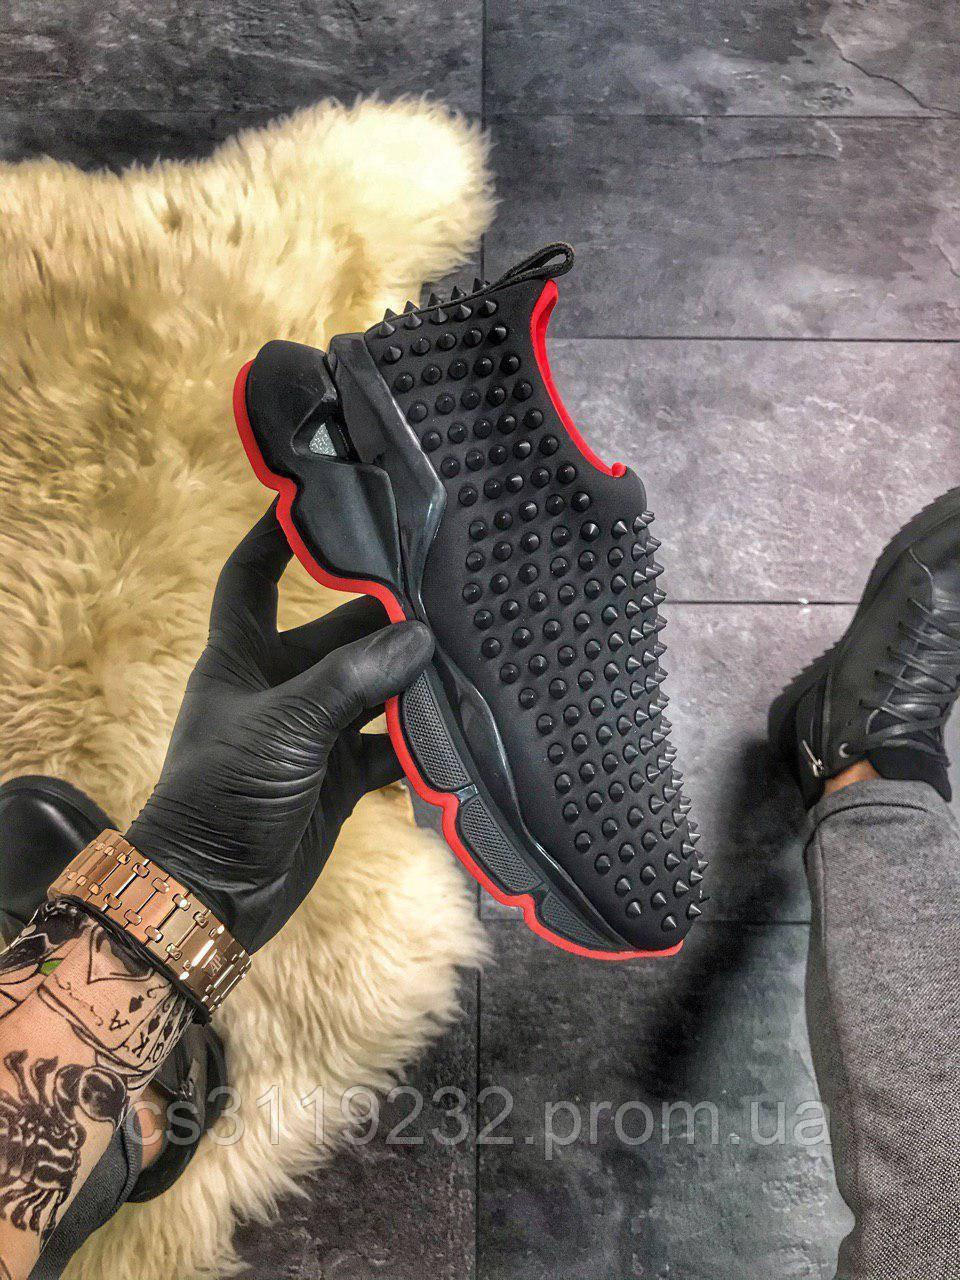 Женские кроссовки Christian Louboutin Black Red (черные-красные)